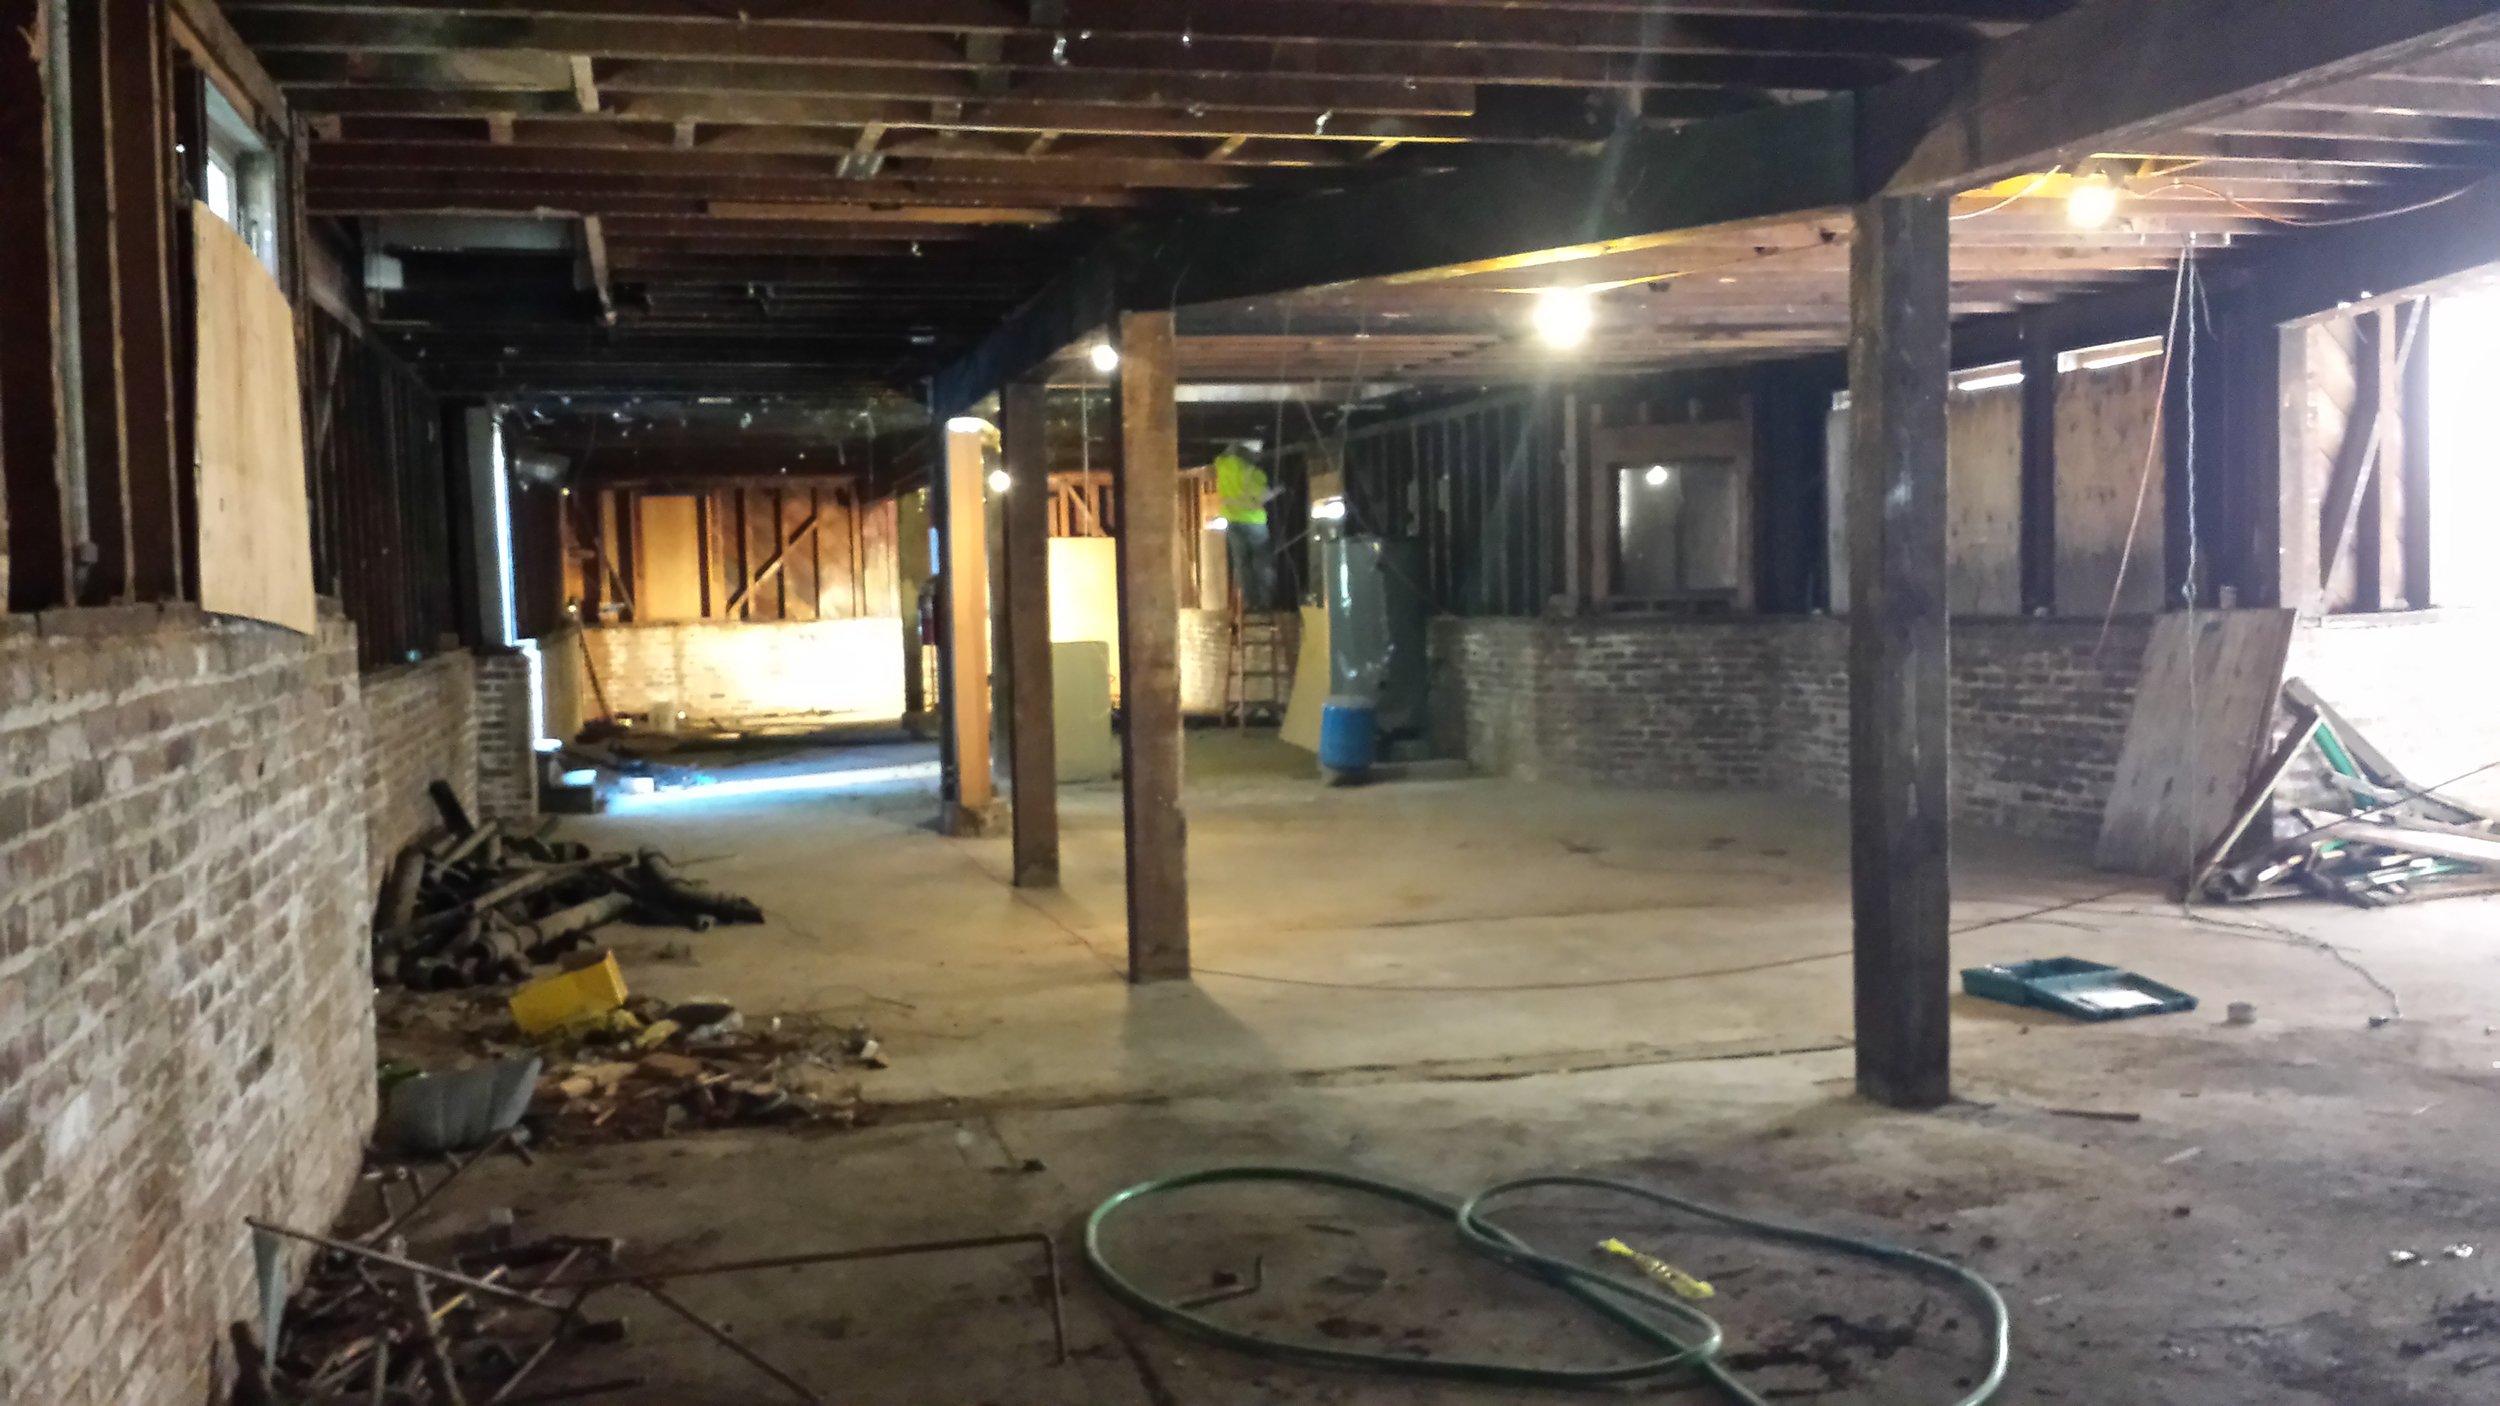 Rectory ground floor renovation in progress.